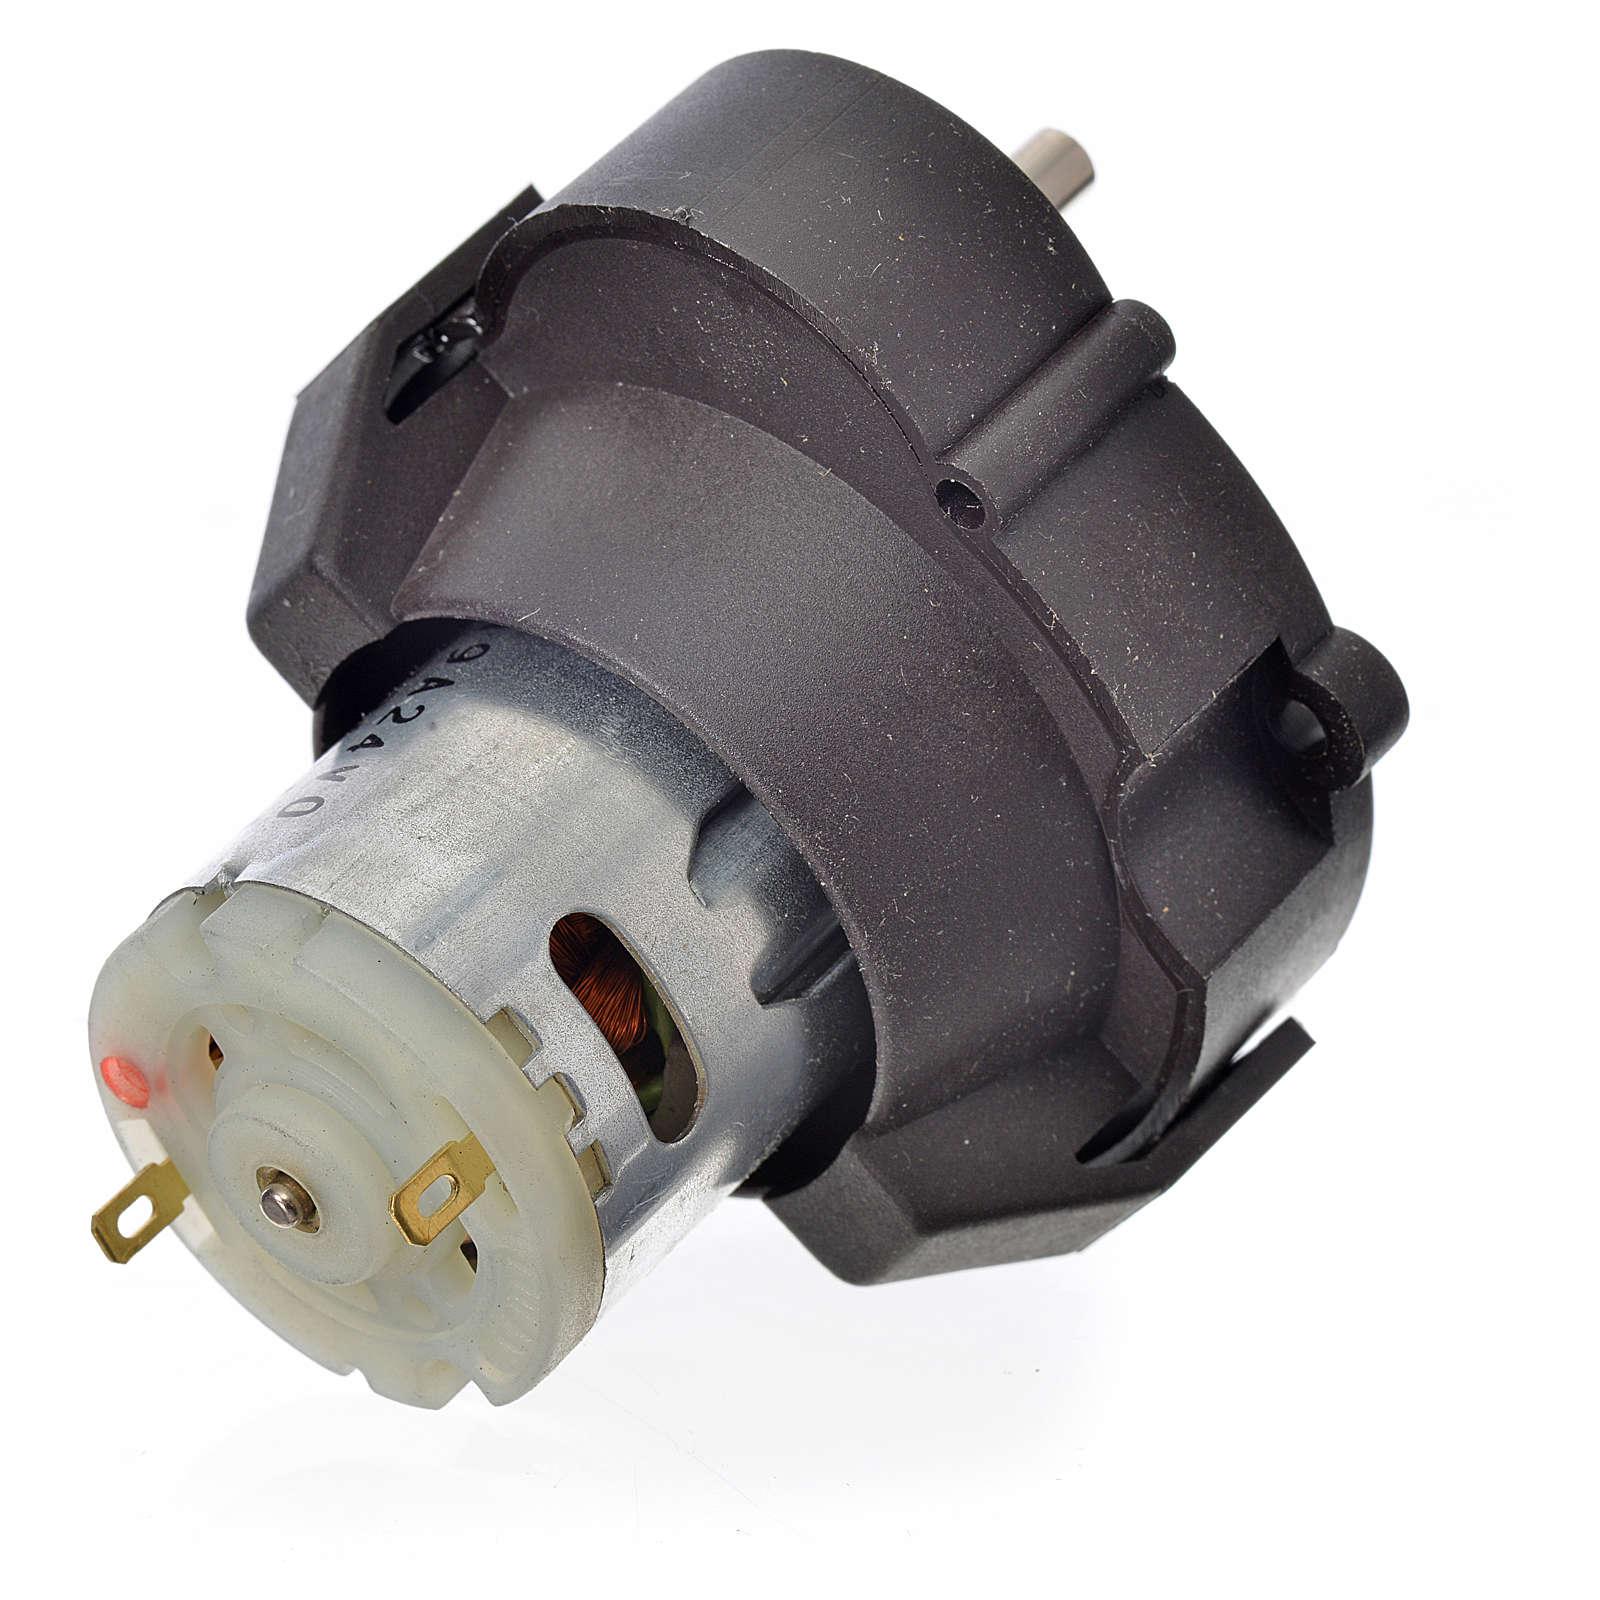 Motoriduttore presepe MCC a corrente continua 12V g/m 10 4